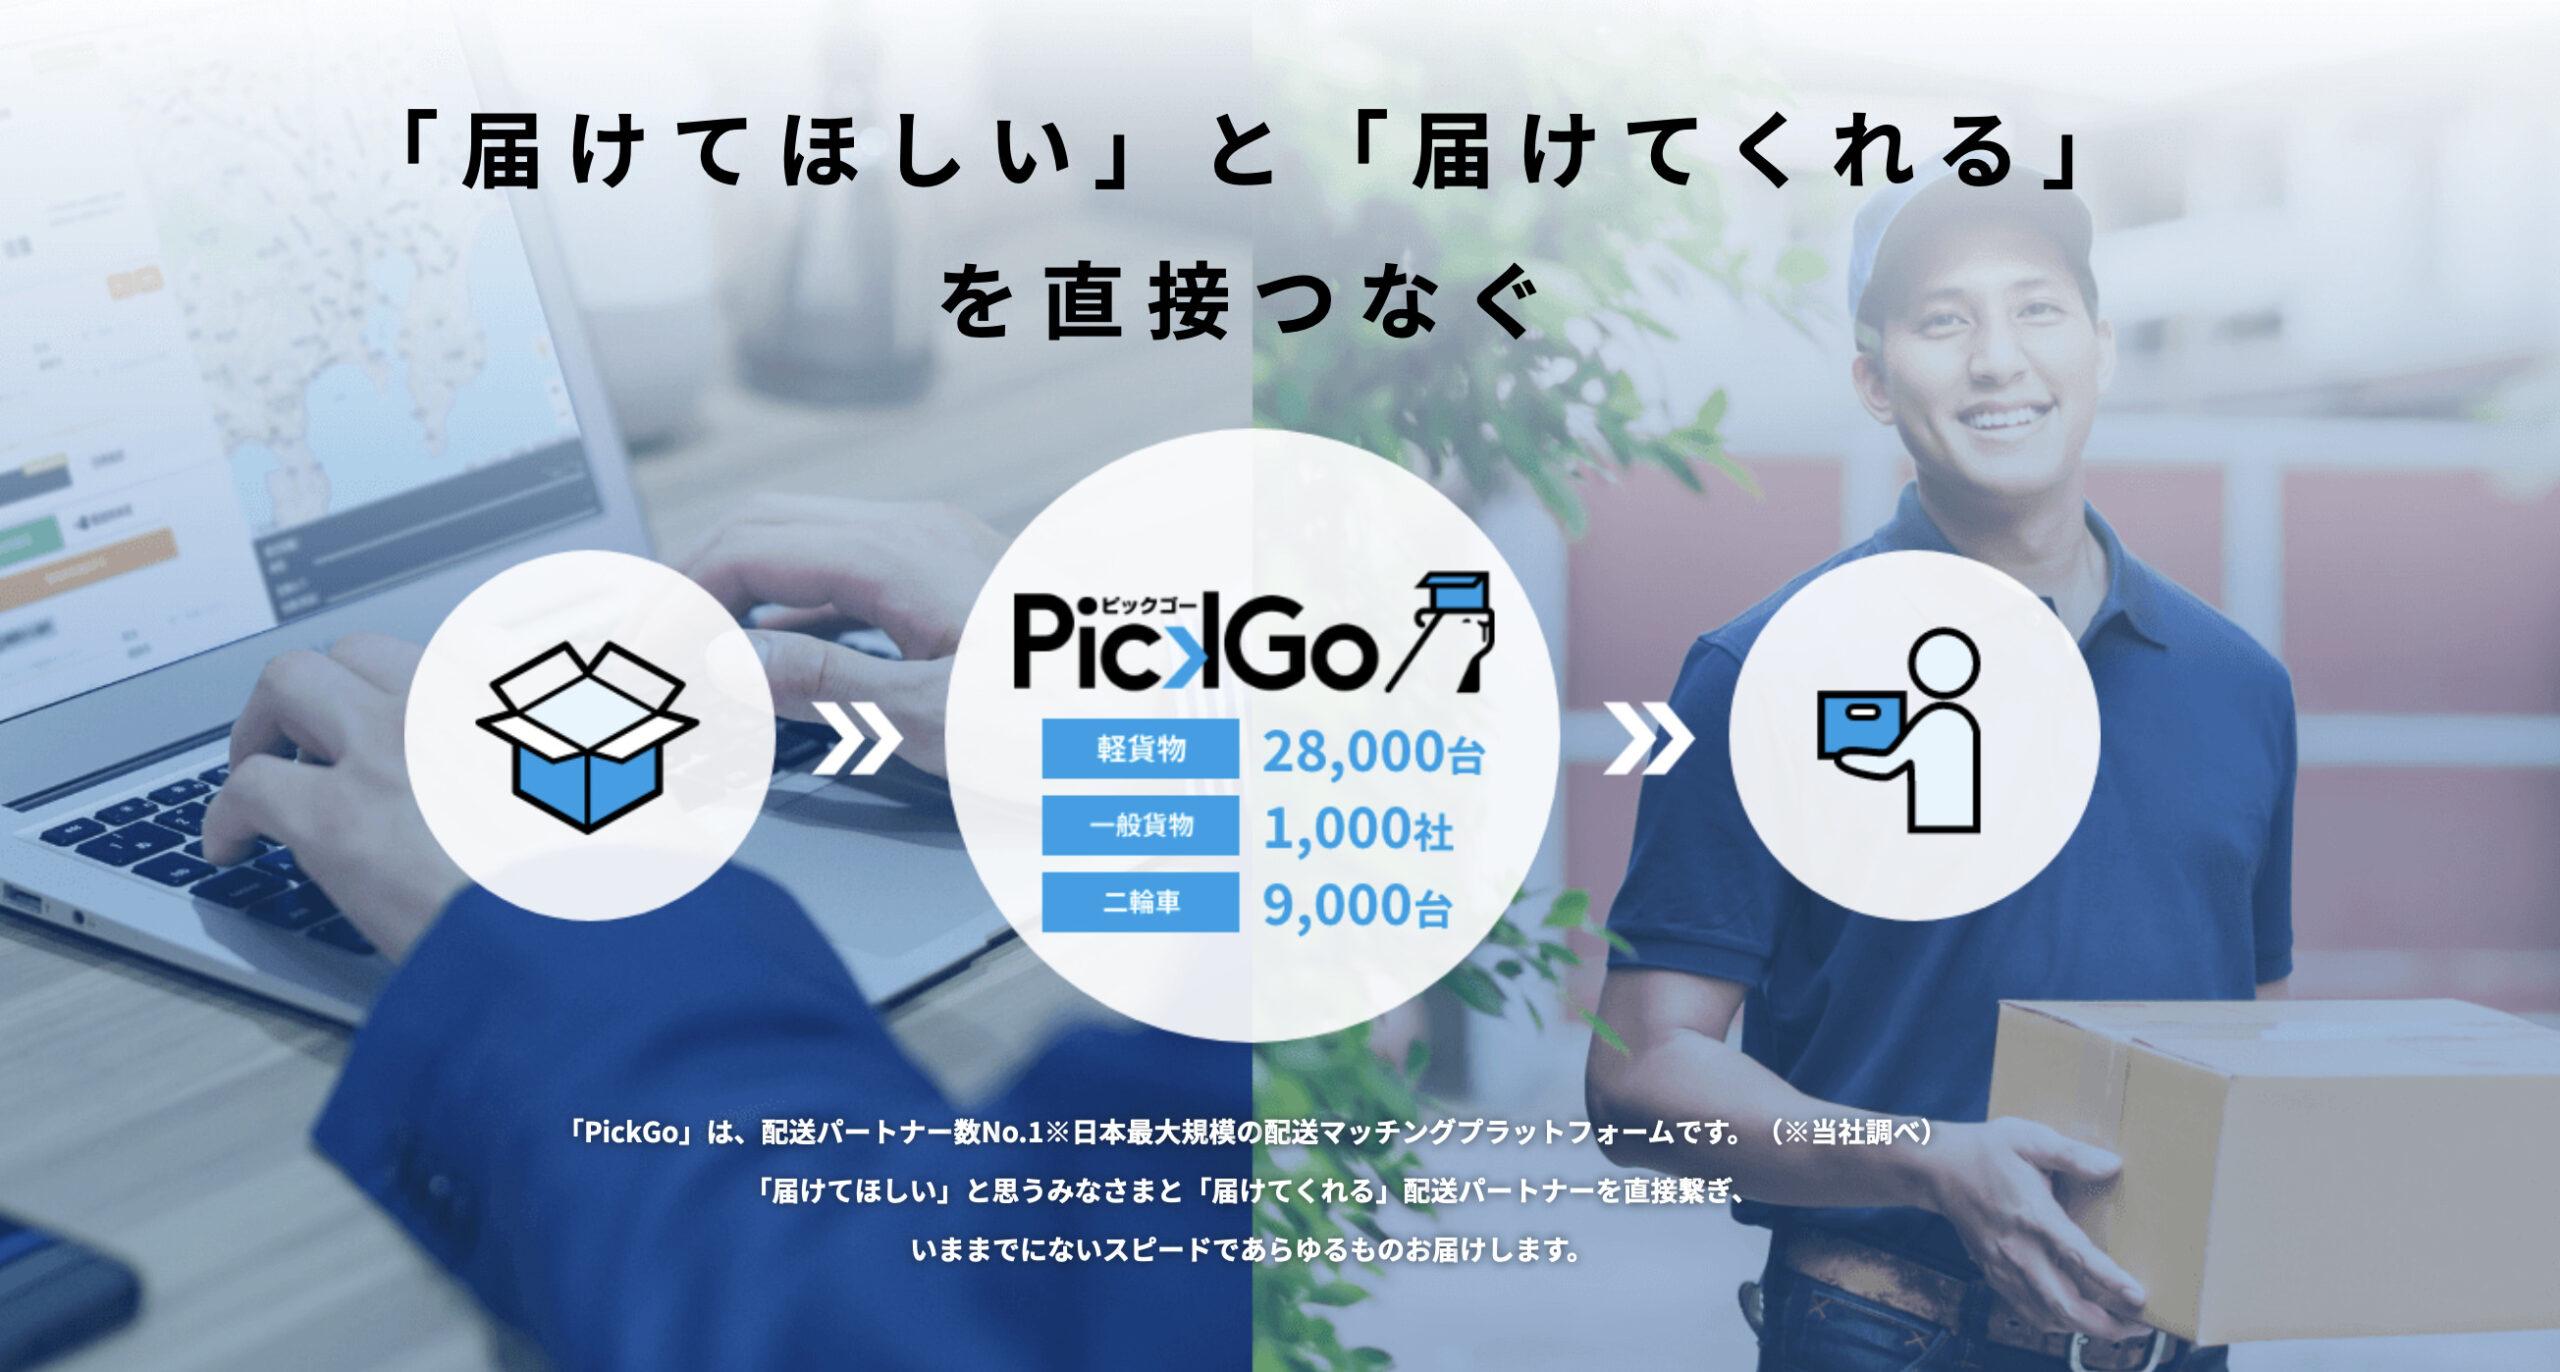 PickGo(ピックゴー)とは?